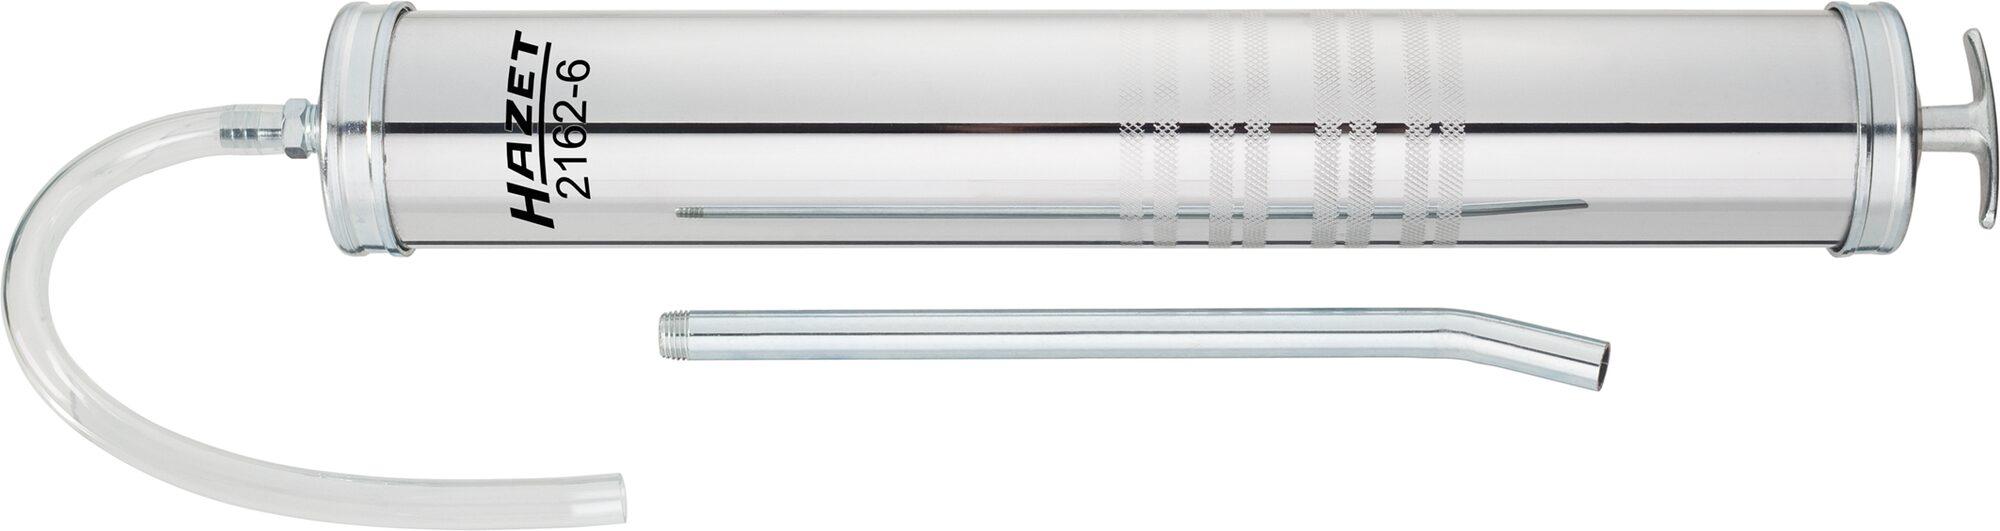 HAZET Hochleistungs Saug- und Druckspritze 2162-6